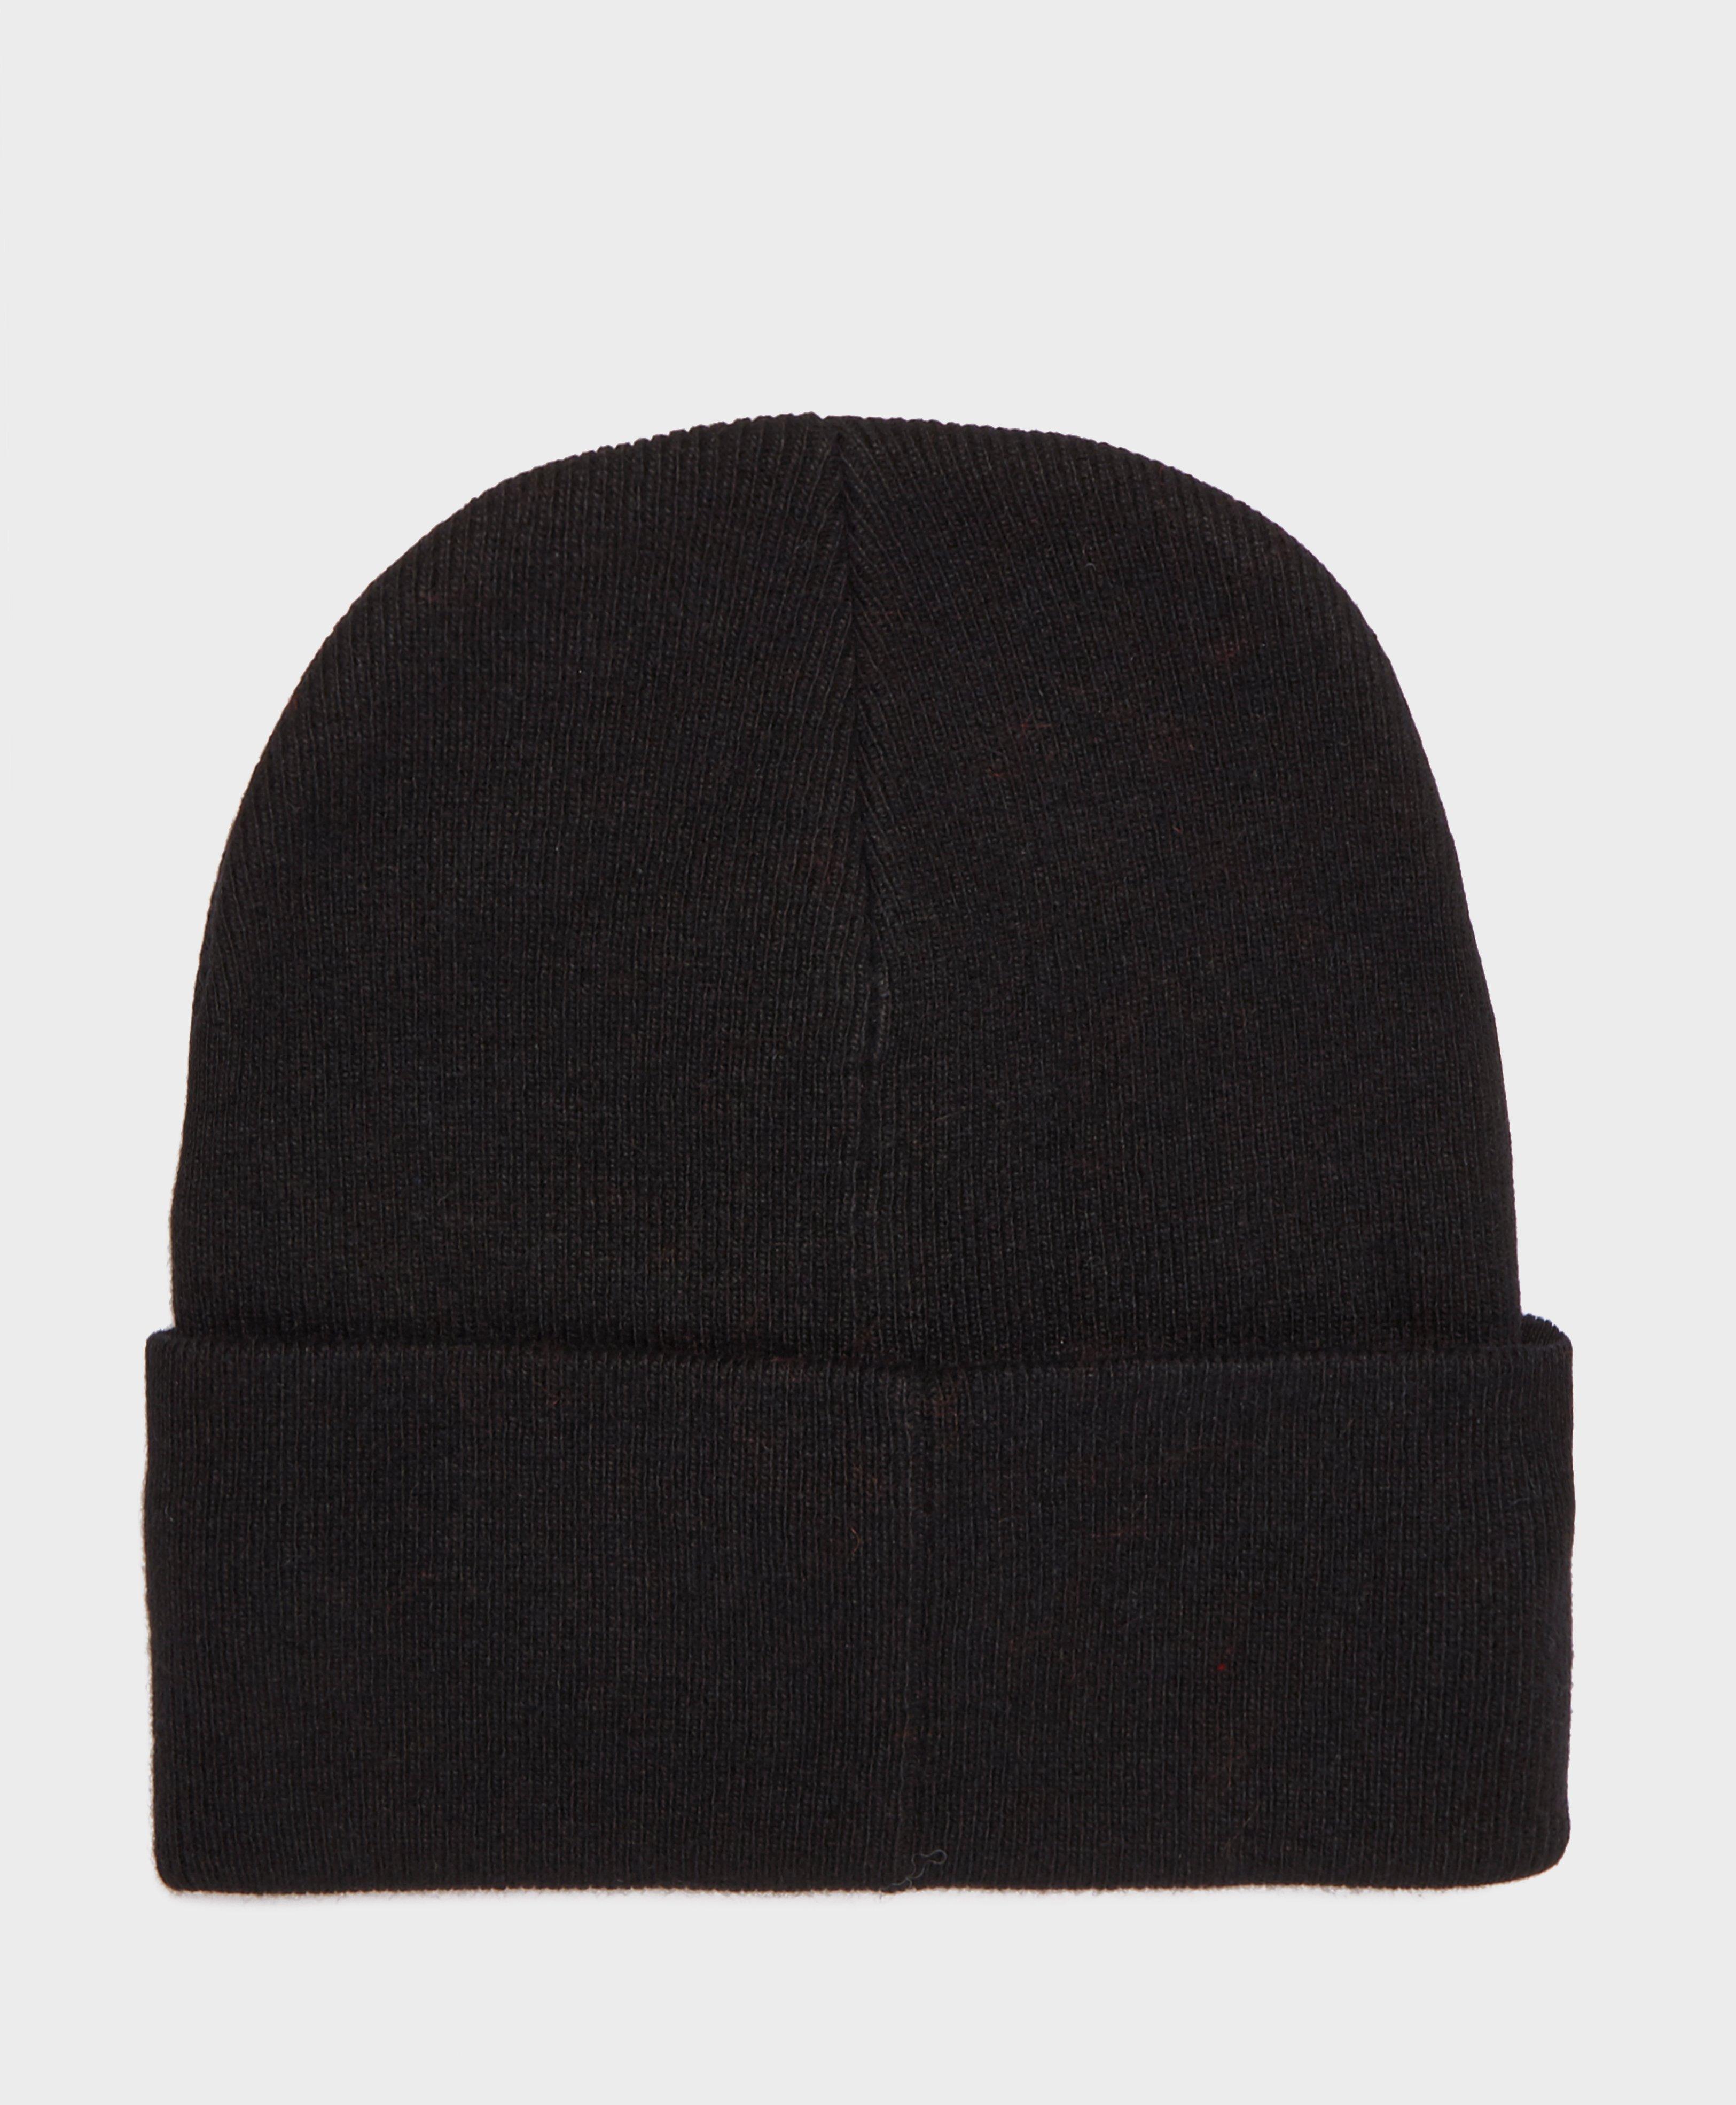 a0d533b330a692 Lyst - Calvin Klein Logo Beanie in Black for Men - Save 46.666666666666664%